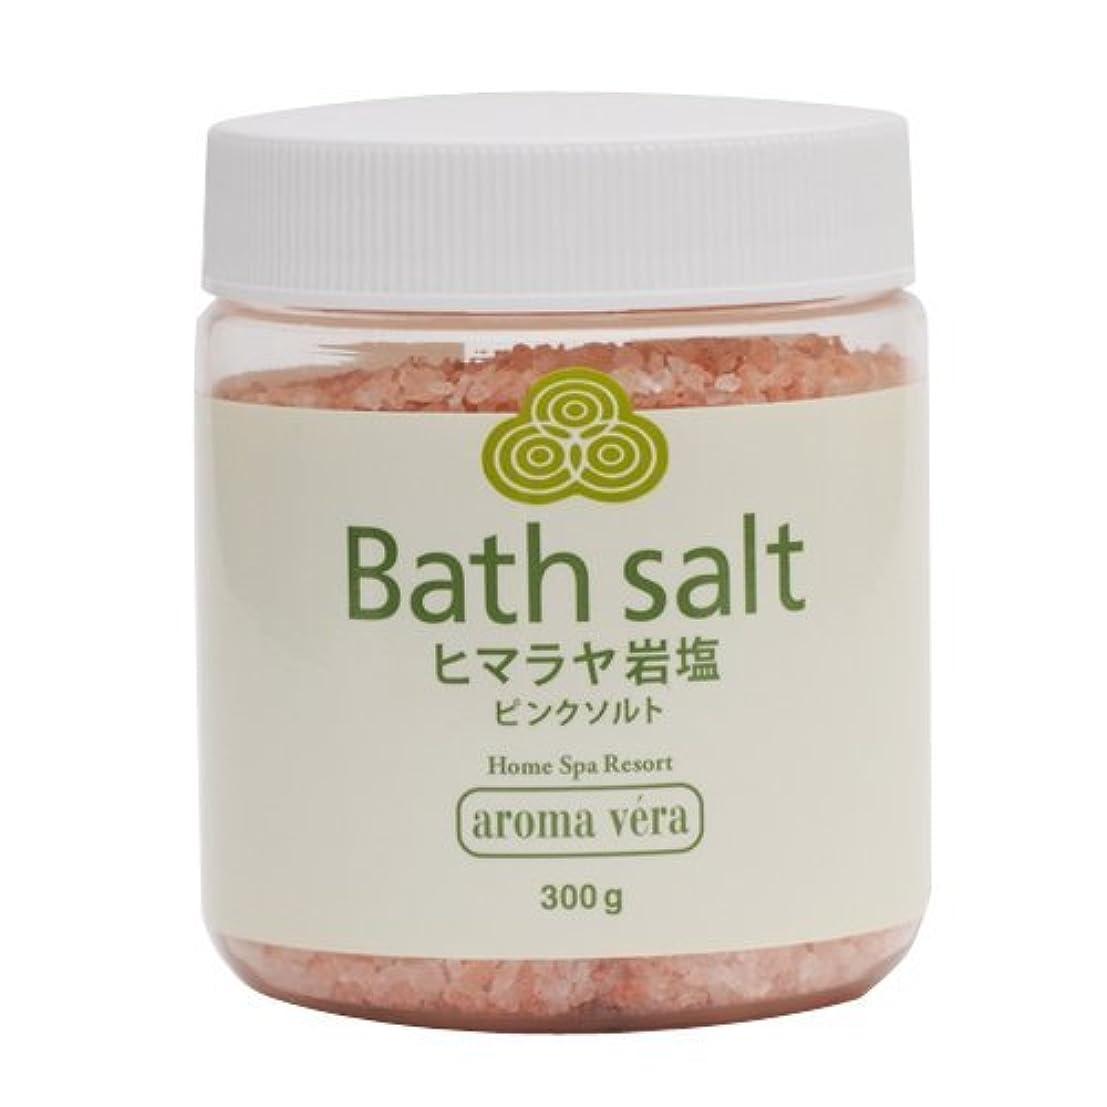 アリーナ情報媒染剤アロマベラ アロマベラ バスソルト(ヒマラヤ岩塩ピンクソルト) 300g